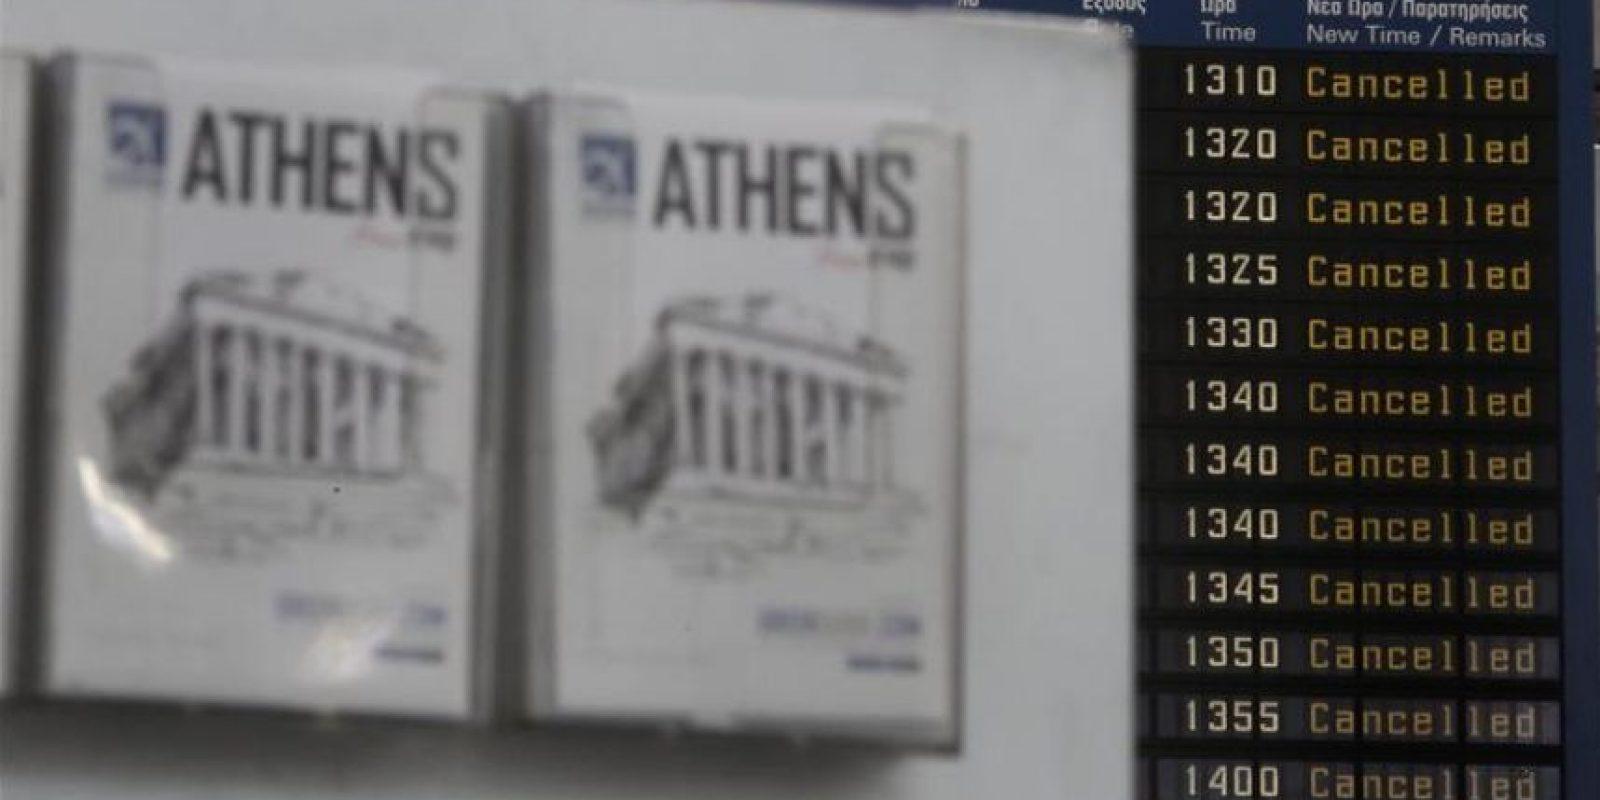 Un panel del aeropuerto Eleftherios Venizelos indica que todos los vuelos han sido cancelados en Atenas (Grecia), hoy, jueves 27 de noviembre de 2014. EFE